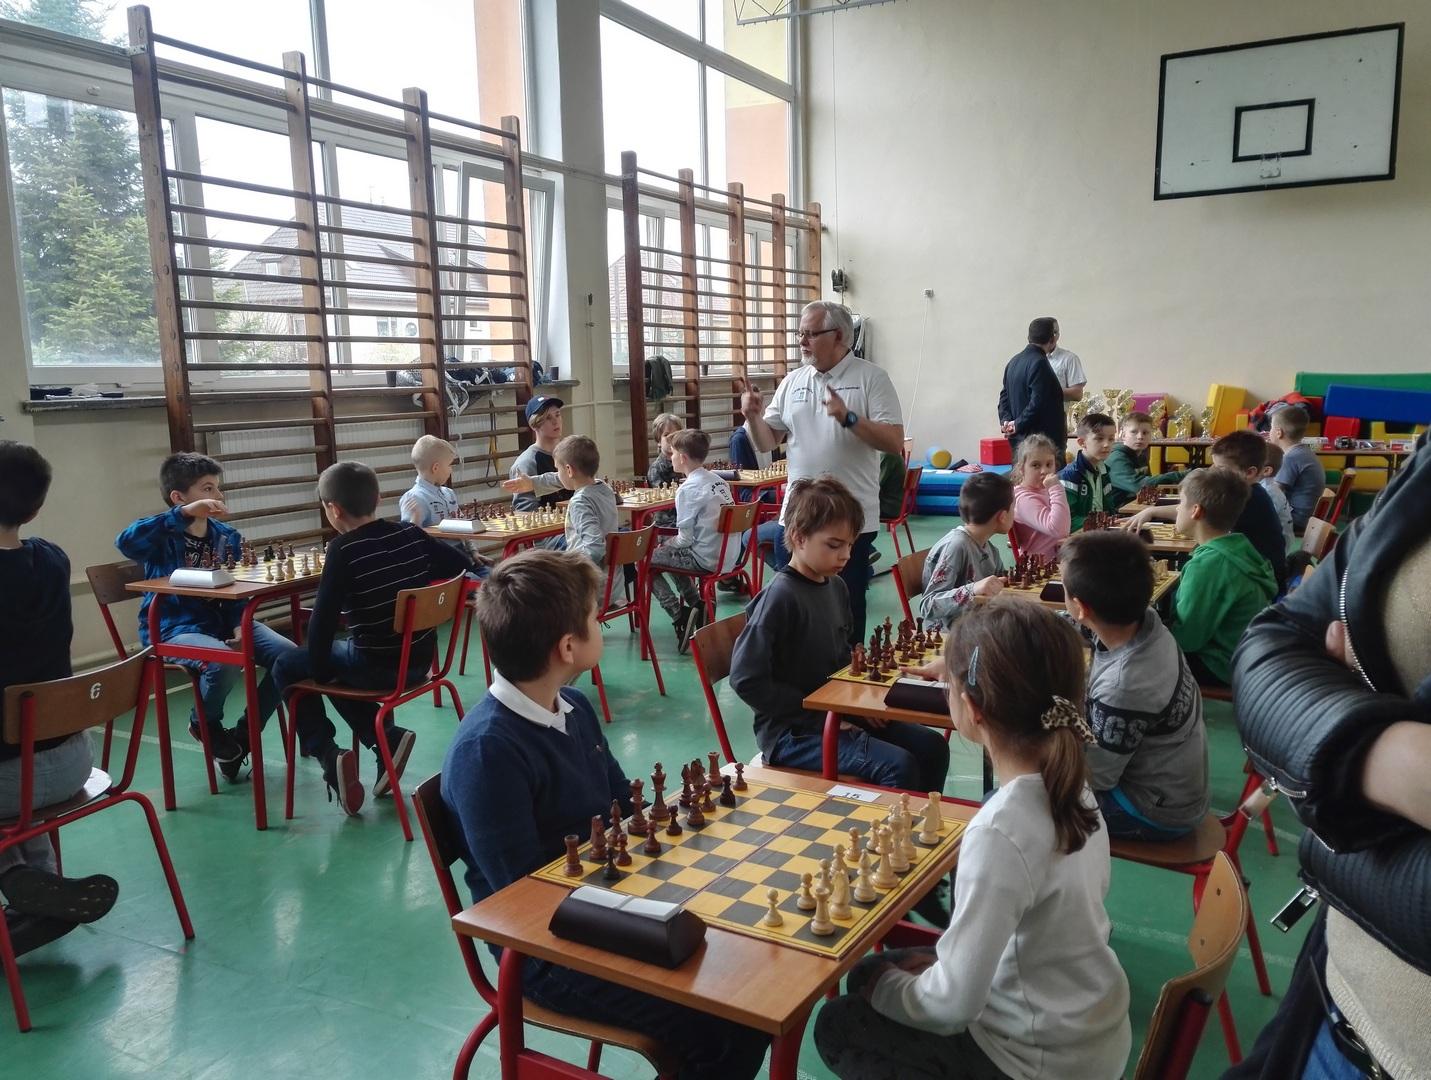 VII Turniej o Nagrodę Mądrej Sowy Gryfice 2018, szachy w Gryficach w Szkole Podstawowej nr 3, dzieci grające w szachy na sali gimnastycznej